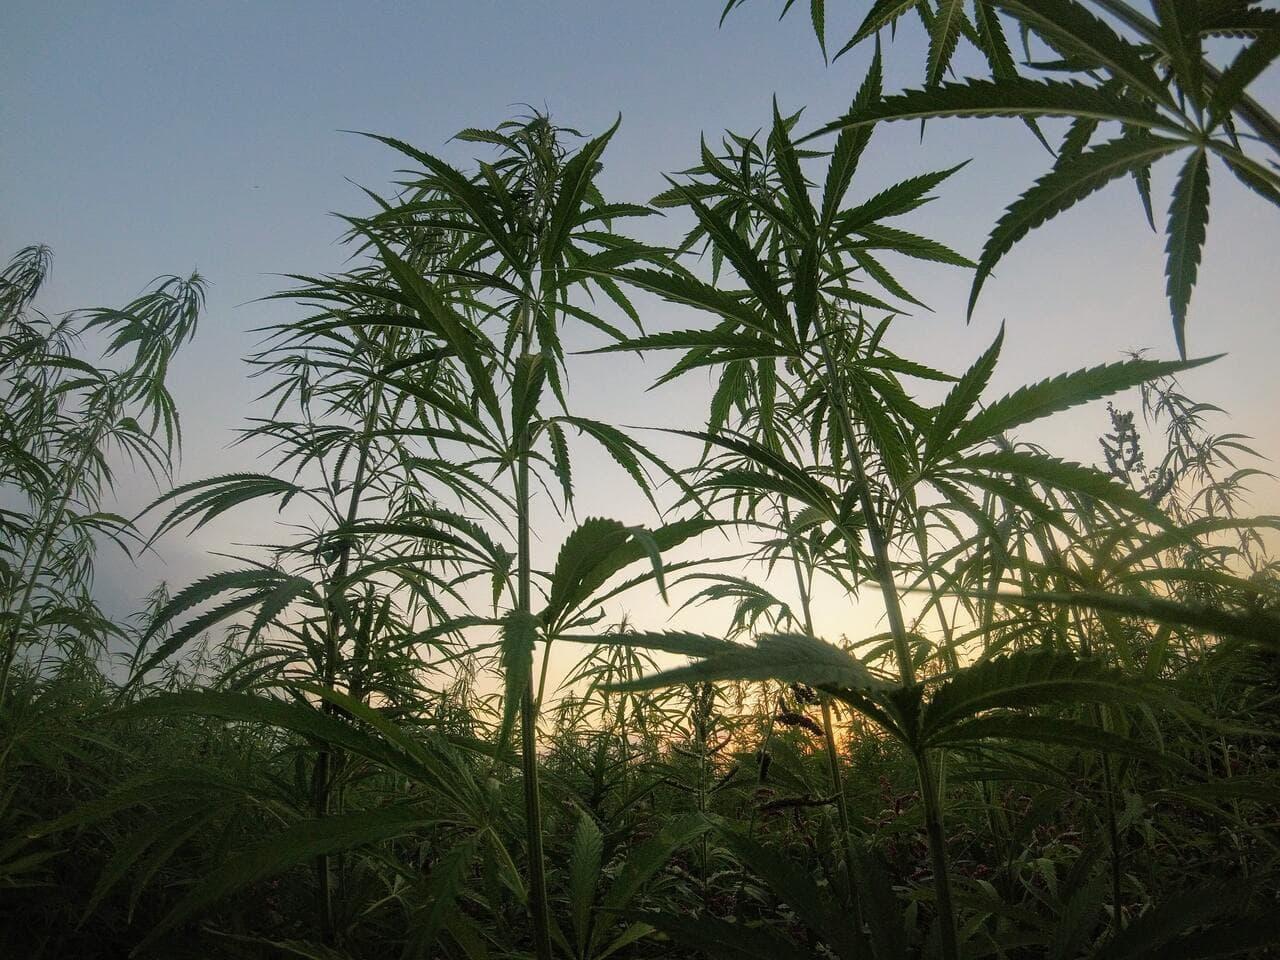 Top 4 tips for growing marijuana outdoors